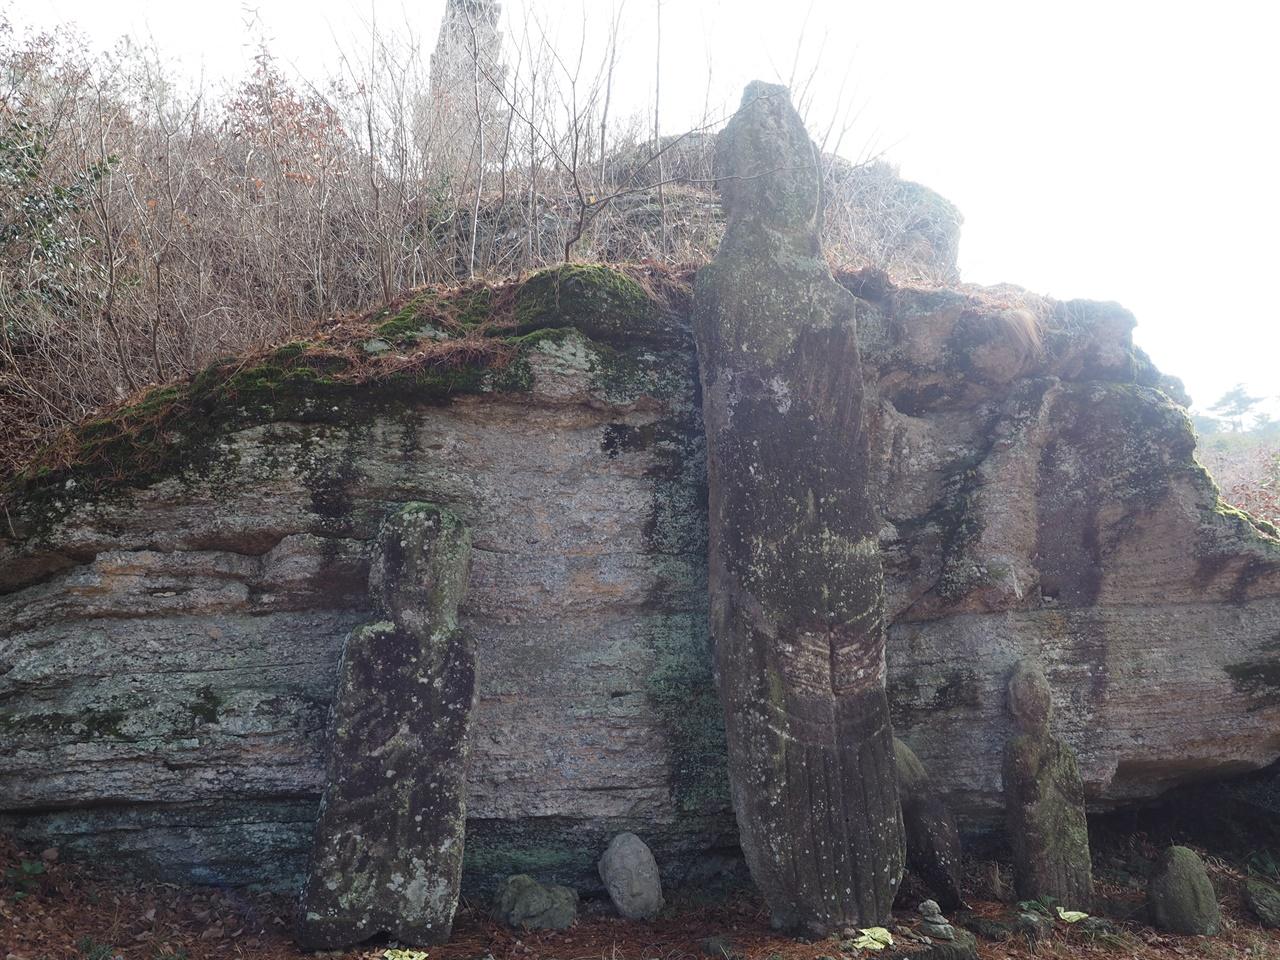 운주사 석불군 다 운주사 동쪽 산등성이 암벽 좌우에 위치하며 오른쪽에는 불두 5편, 석불 입상 3구가 있다. 이 중 가장 큰 석불 입상은 세 조각으로 파손된 것을 1993년 보수하여 세워놓은 것이다.